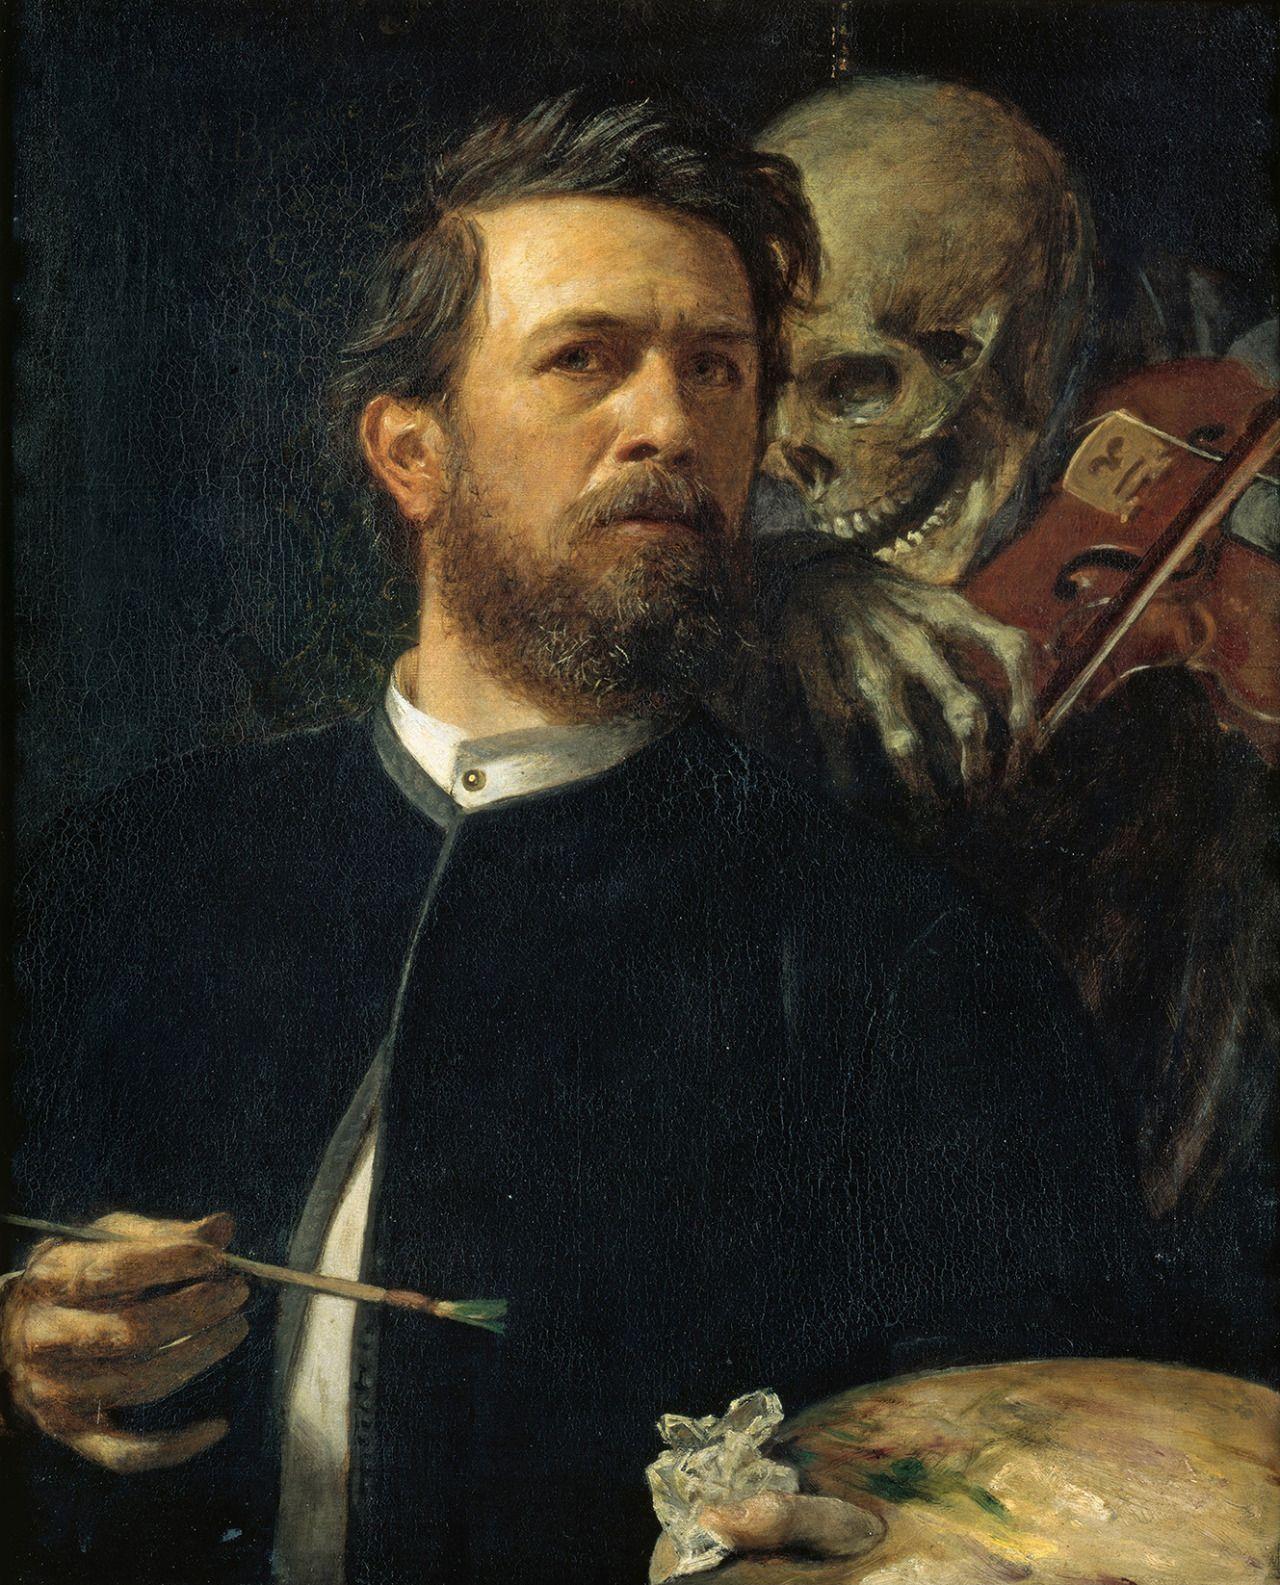 """Arnold Böcklin - """"Autorretrato con la muerte tocando el violín"""" (1872, óleo sobre lienzo, 61 x 75 cm, Alte Nationalgalerie, Berlín) Ayer estuvimos viendo el cuadro más conocido del pintor simbolista Arnold Böcklin, """"La isla de los muertos"""". Pero si..."""